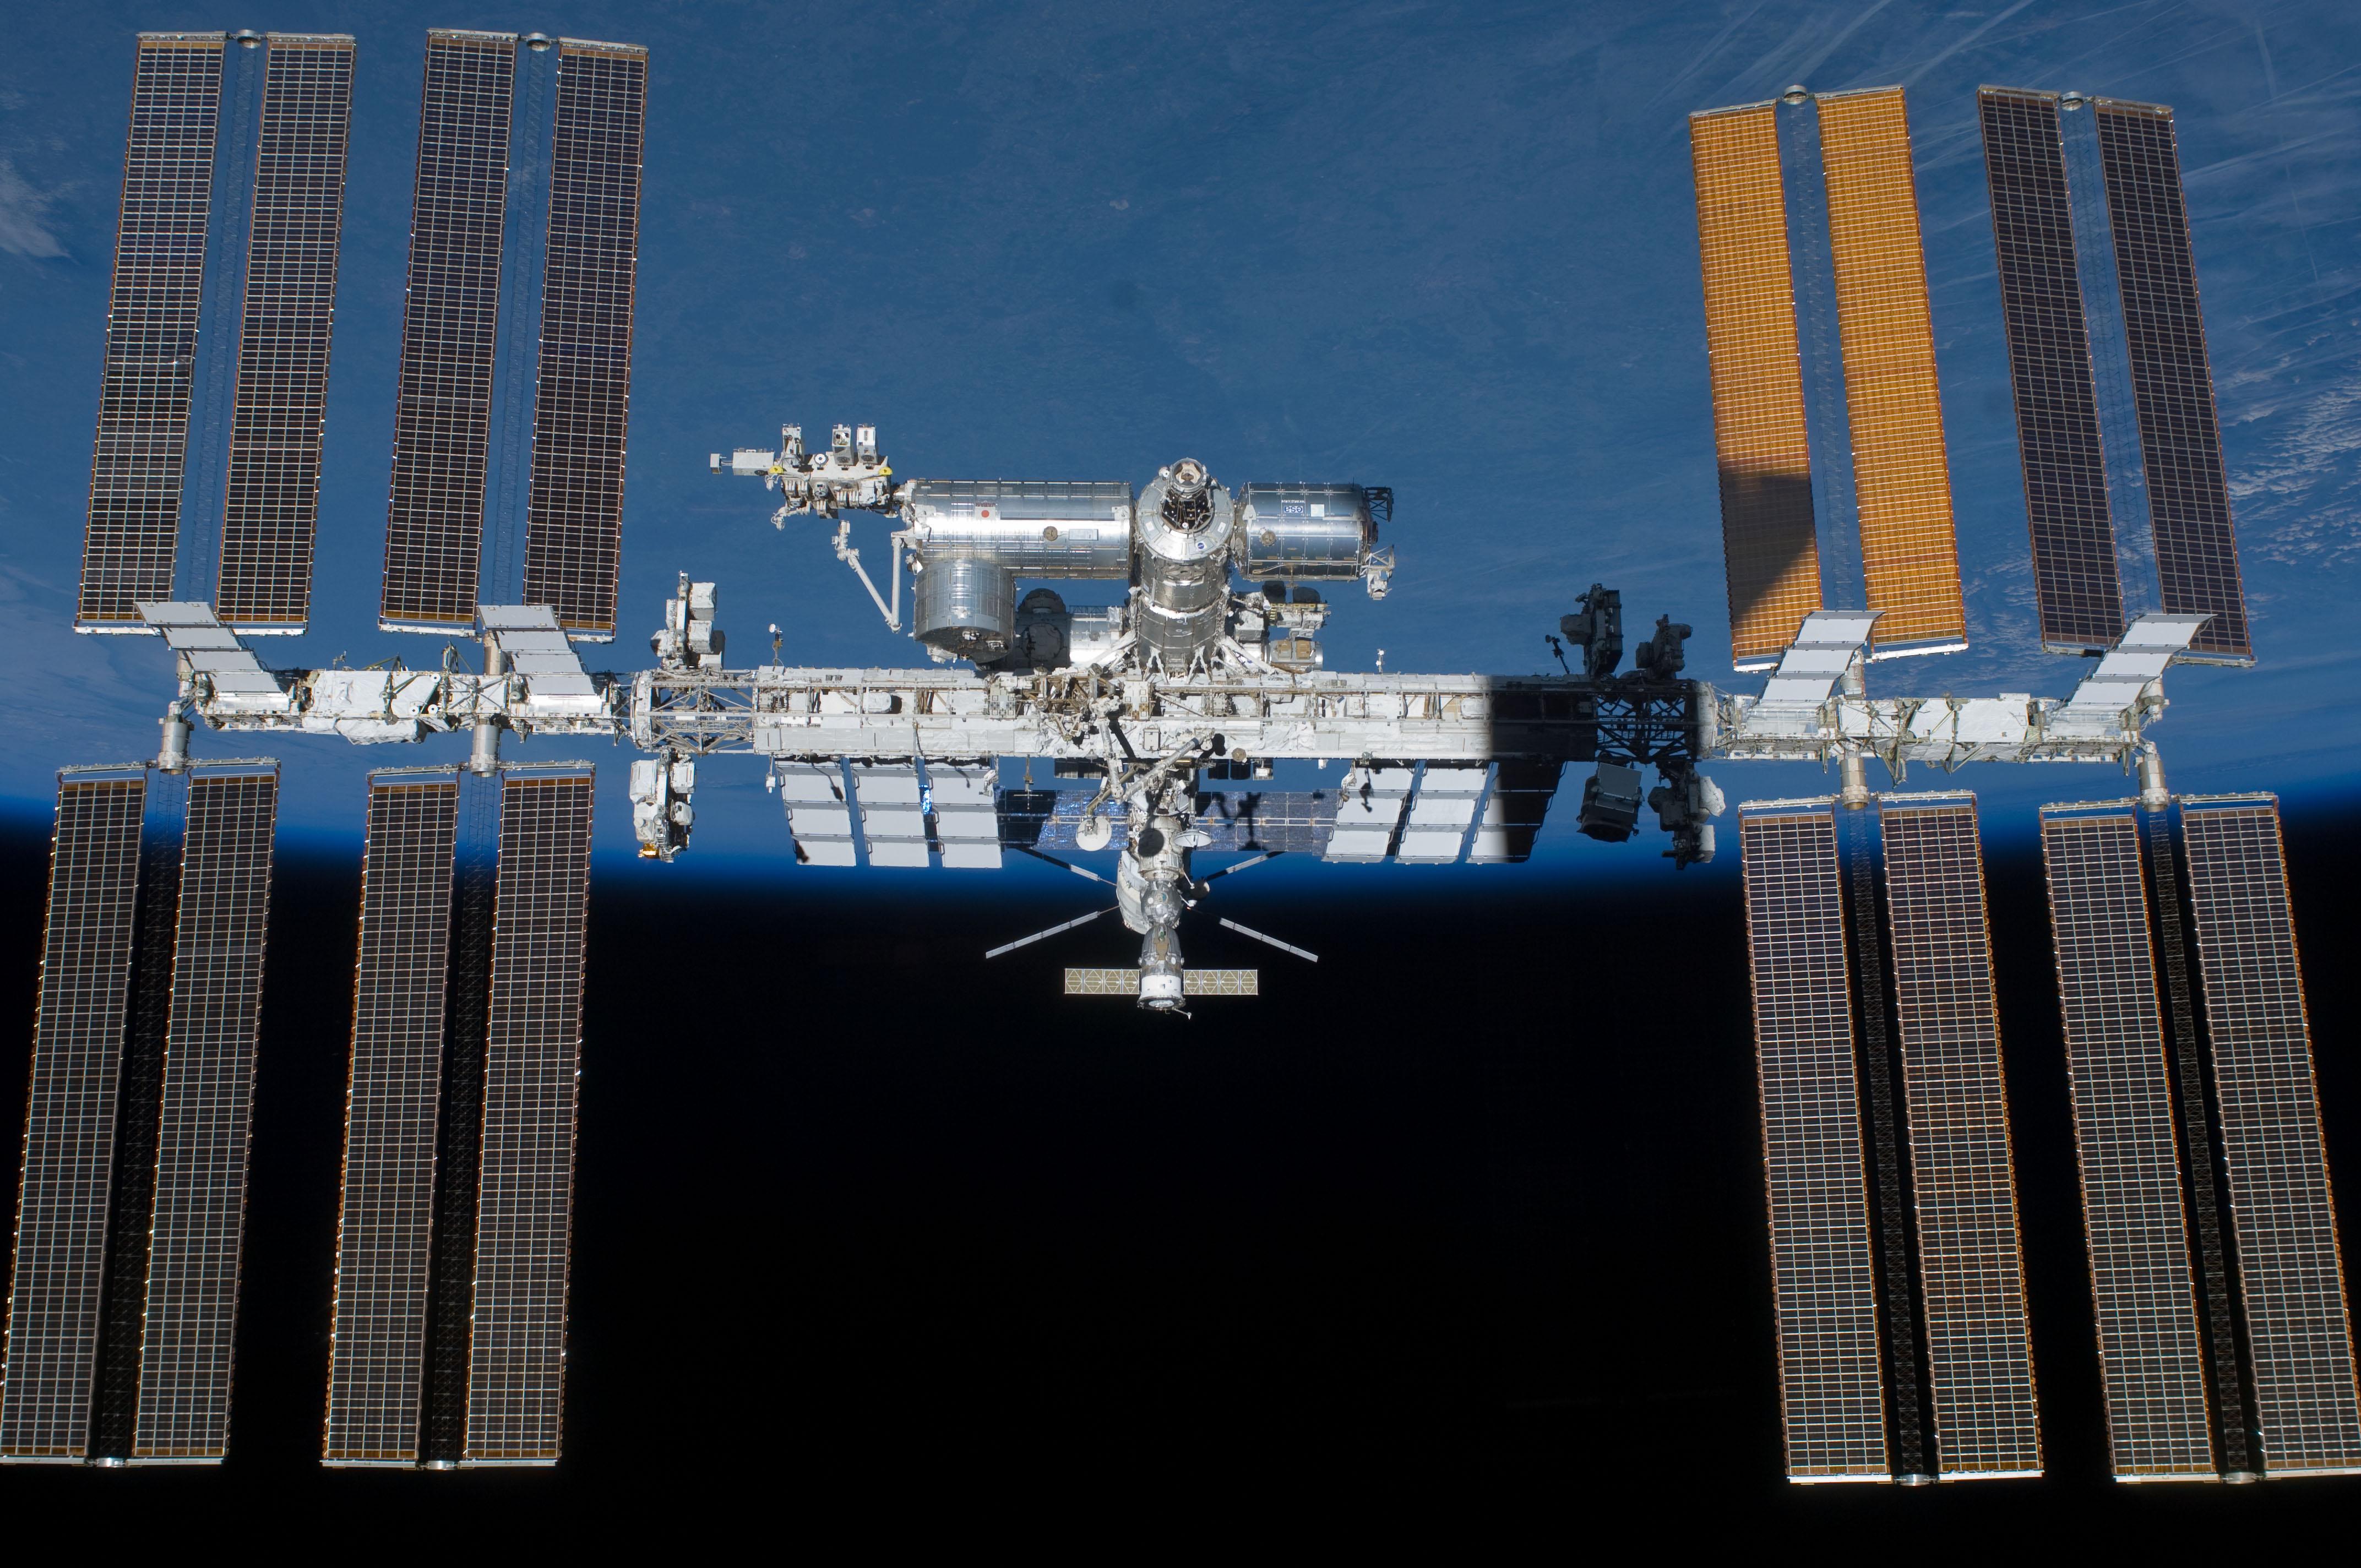 Грузовой автомобиль «Прогресс МС-06» доставит наМКС наноспутники исвежие яблоки